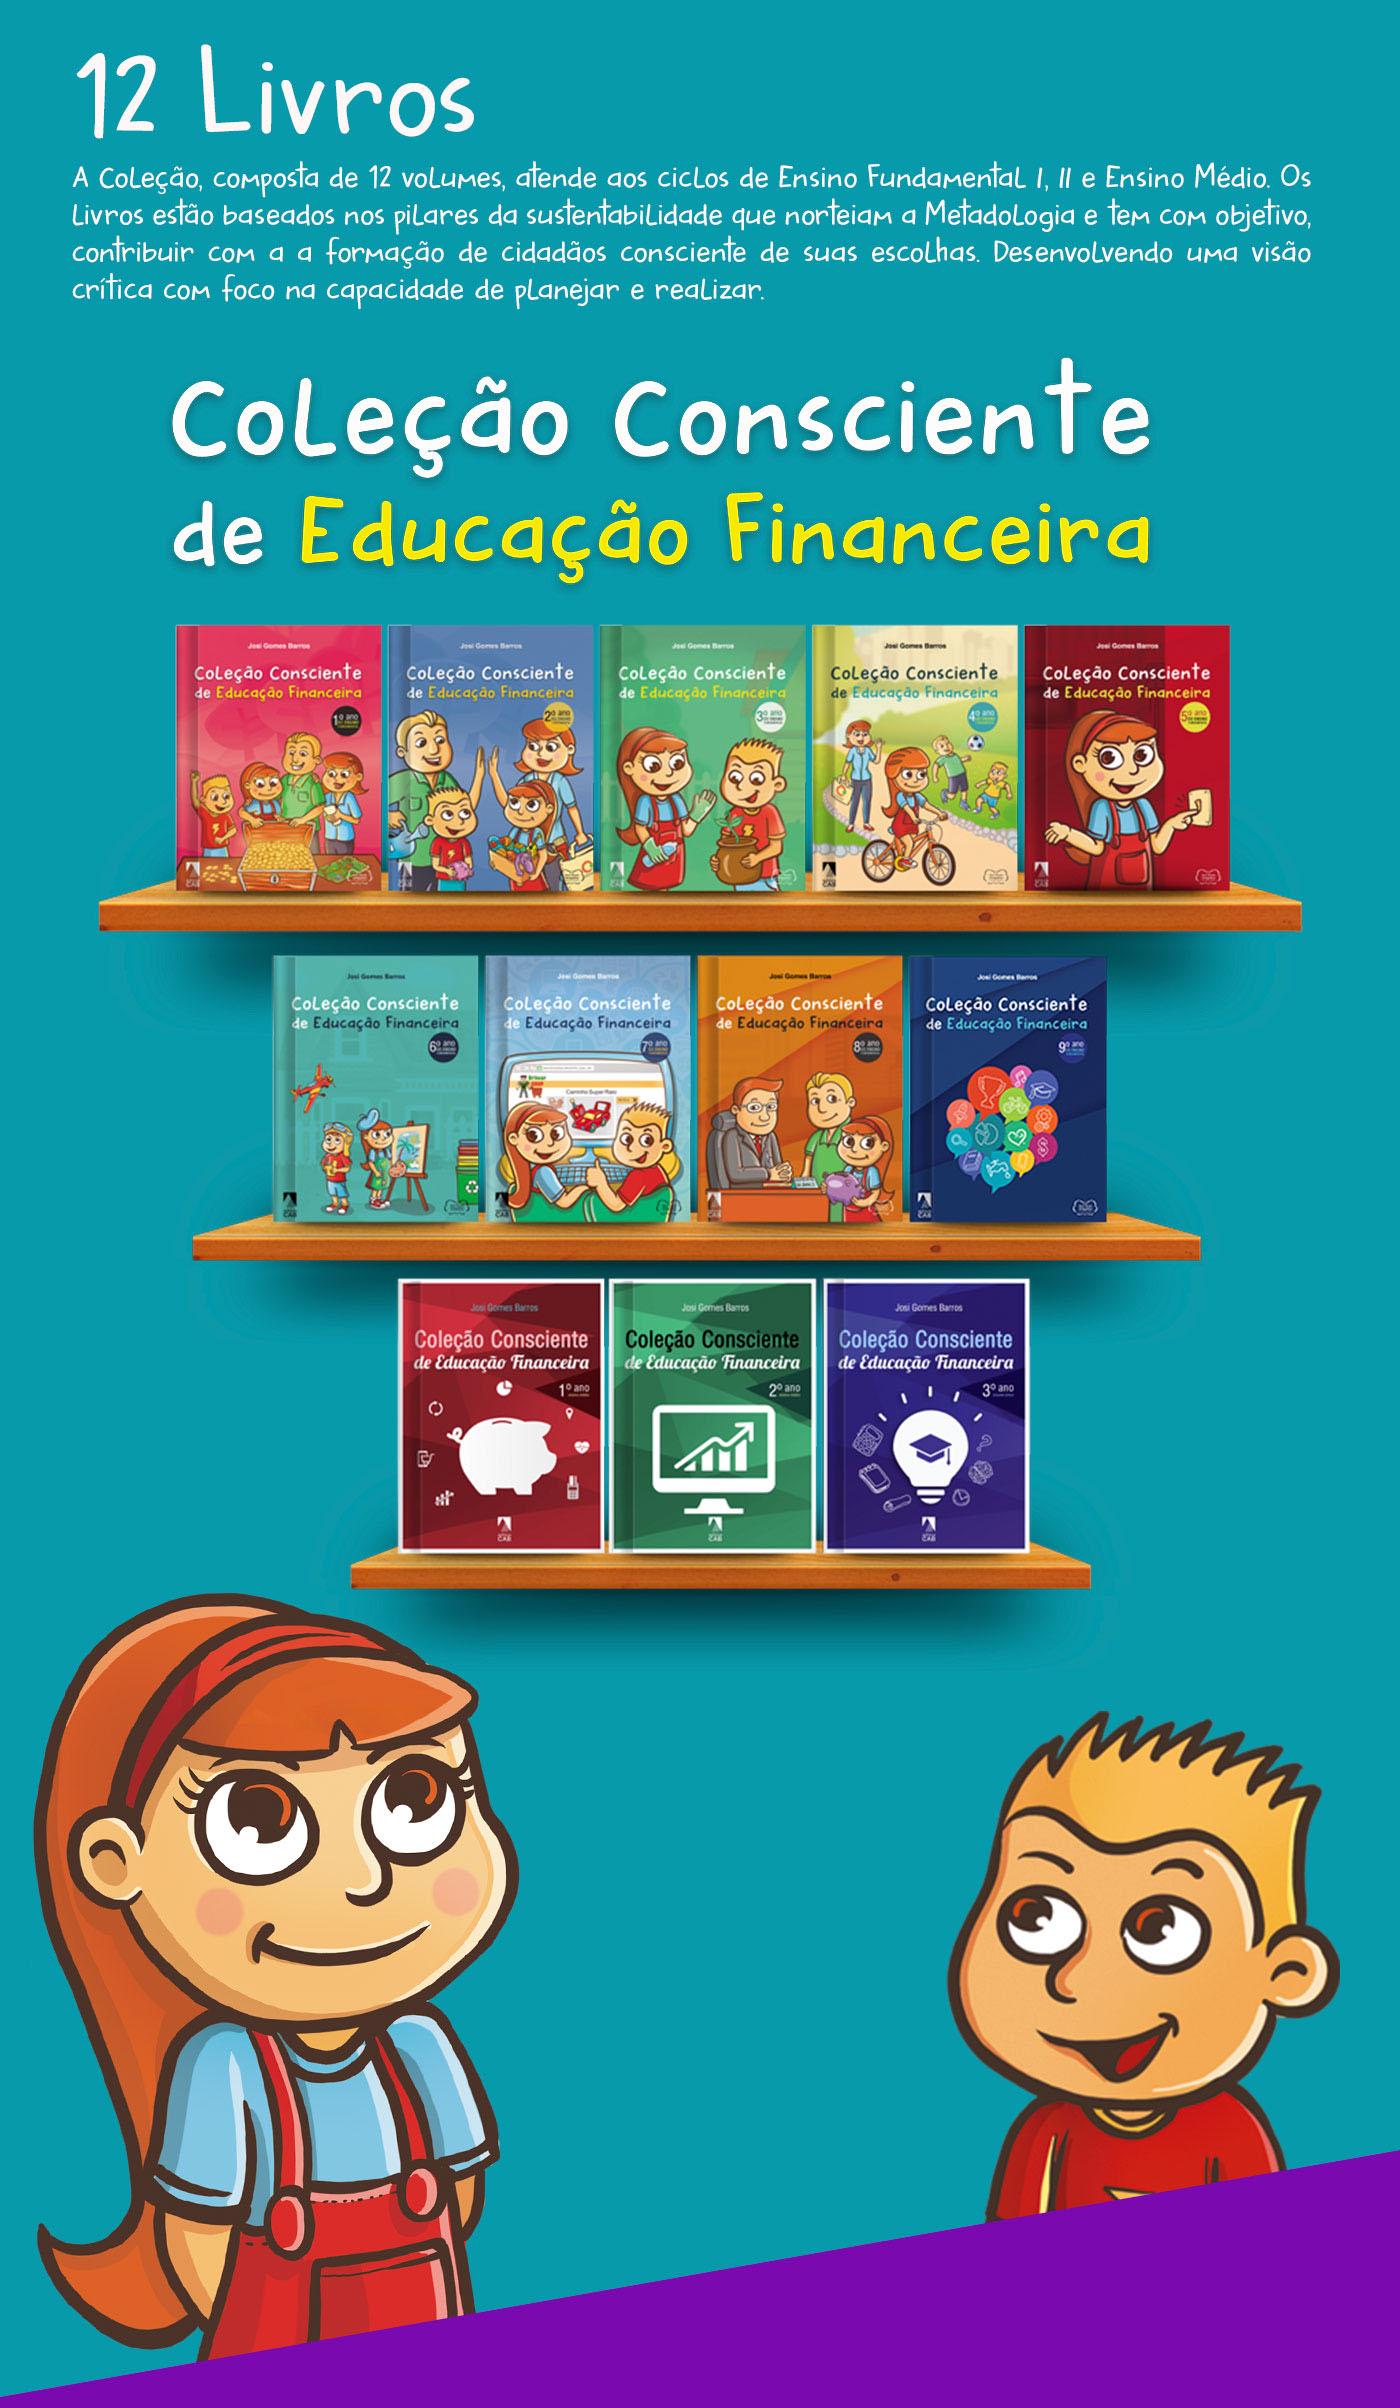 book,Livro,Ilustração,diagramação,coleção,financeira,educação